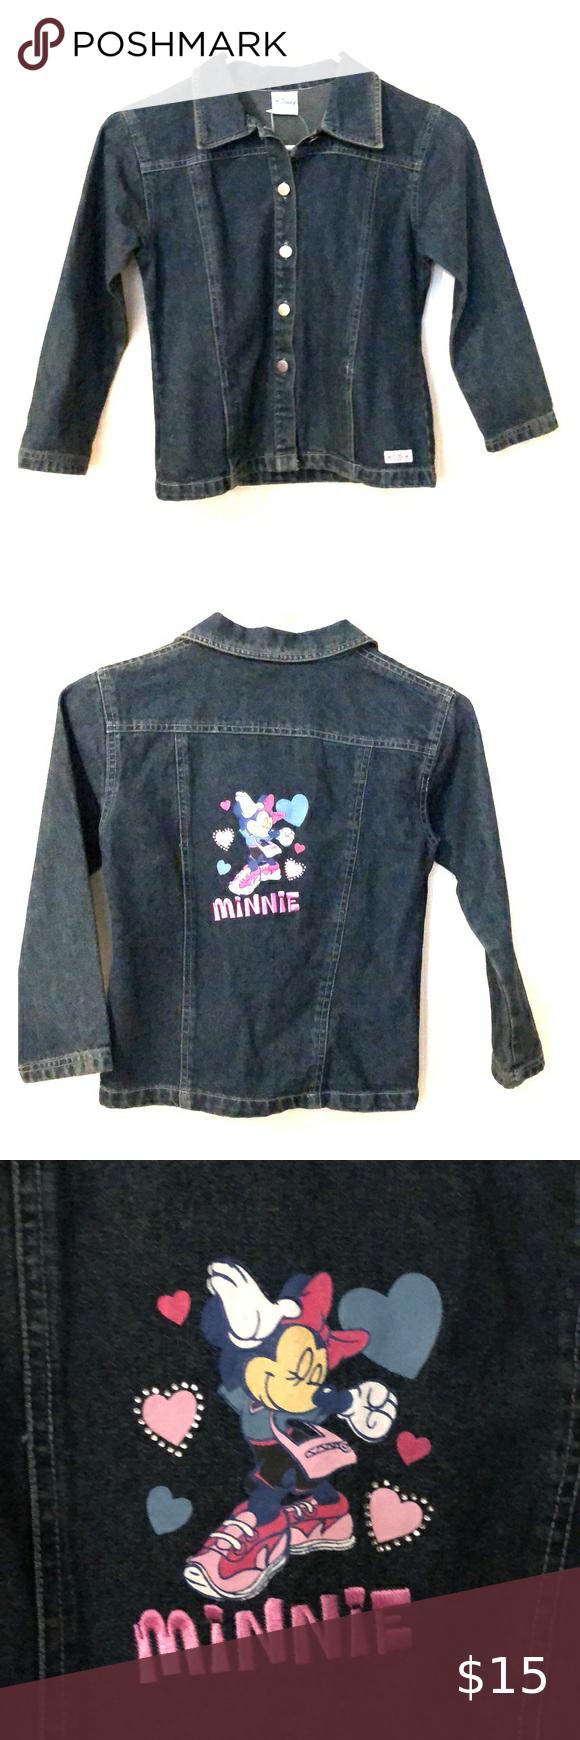 Girl S Minnie Mouse Jean Jacket Jean Jacket Jackets Jean Coat [ 1740 x 580 Pixel ]